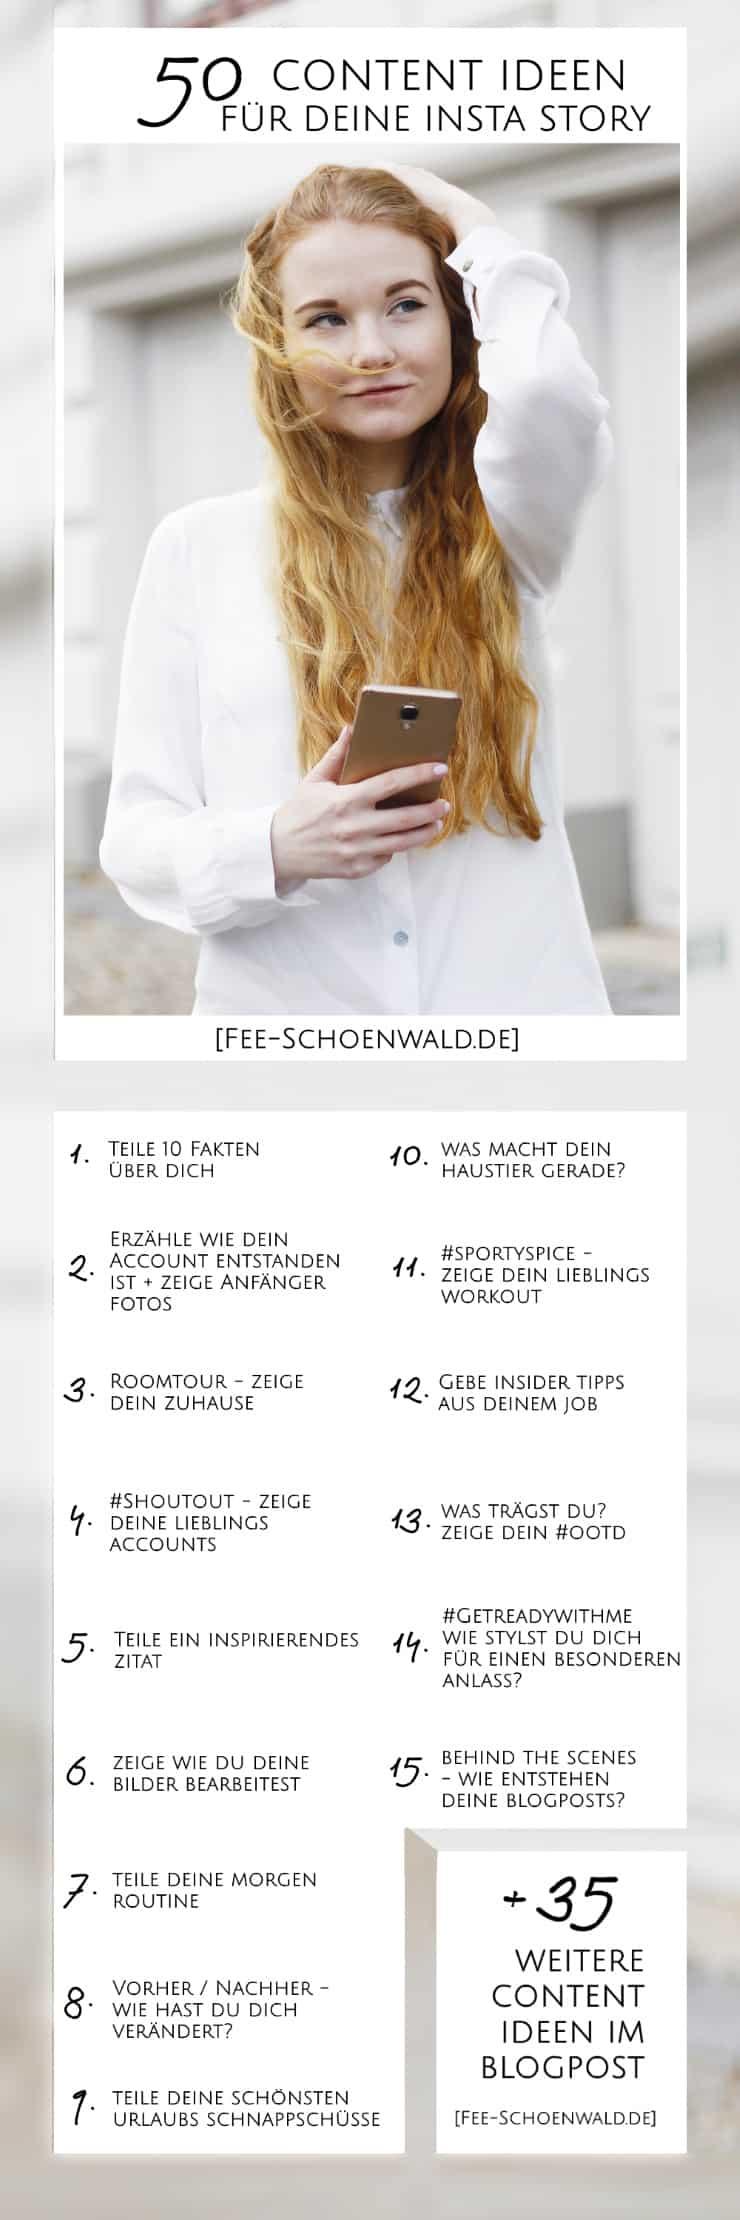 Fee Schoenwald Blogger Tipps 50 Content Ideen Insta Story